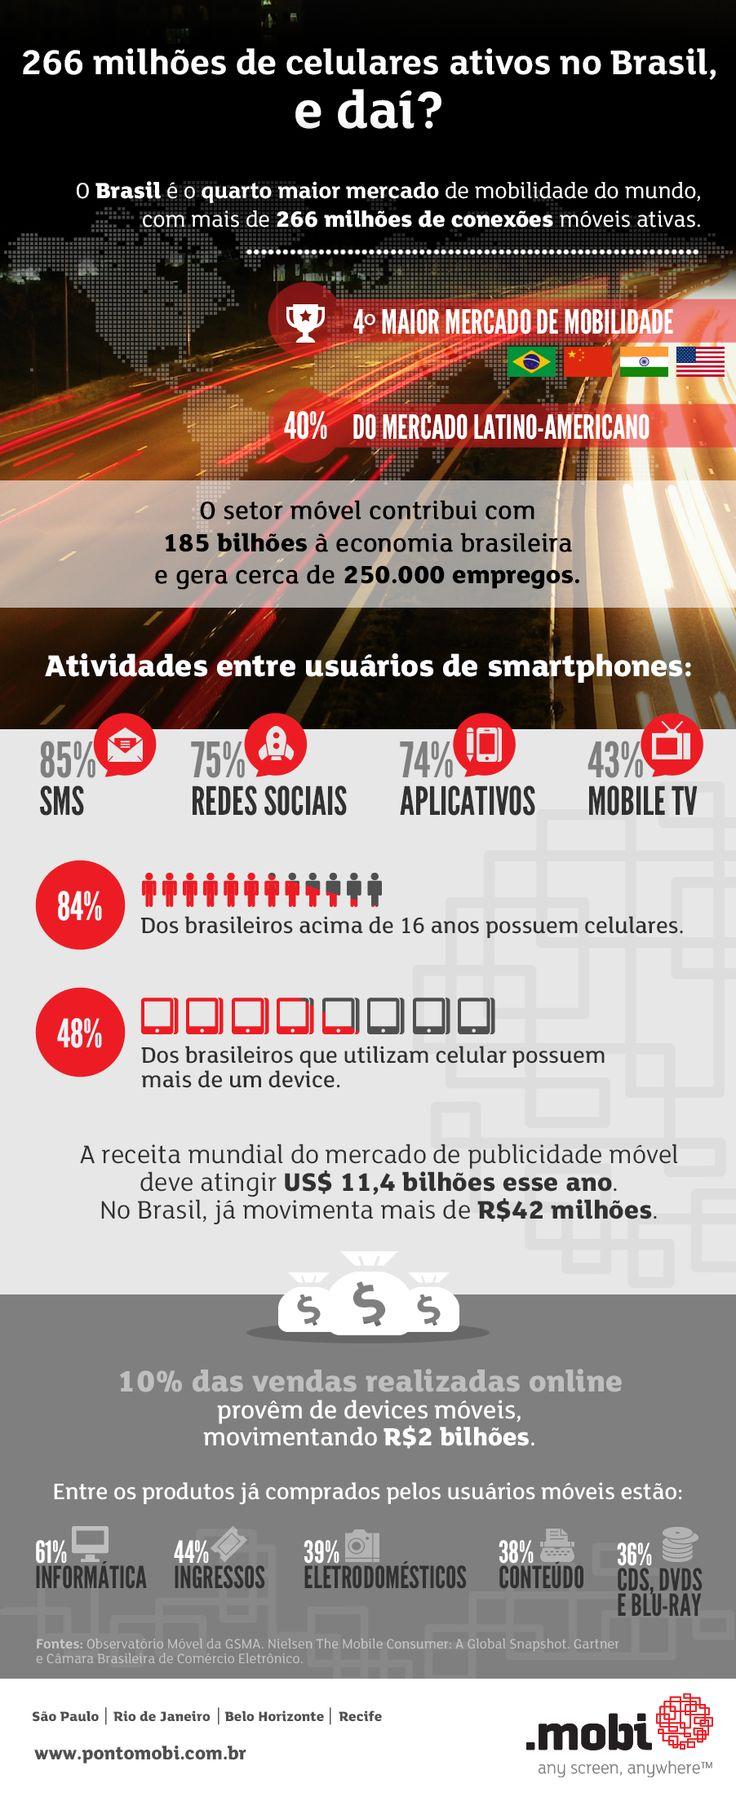 Celulares no Brasil #Infografico